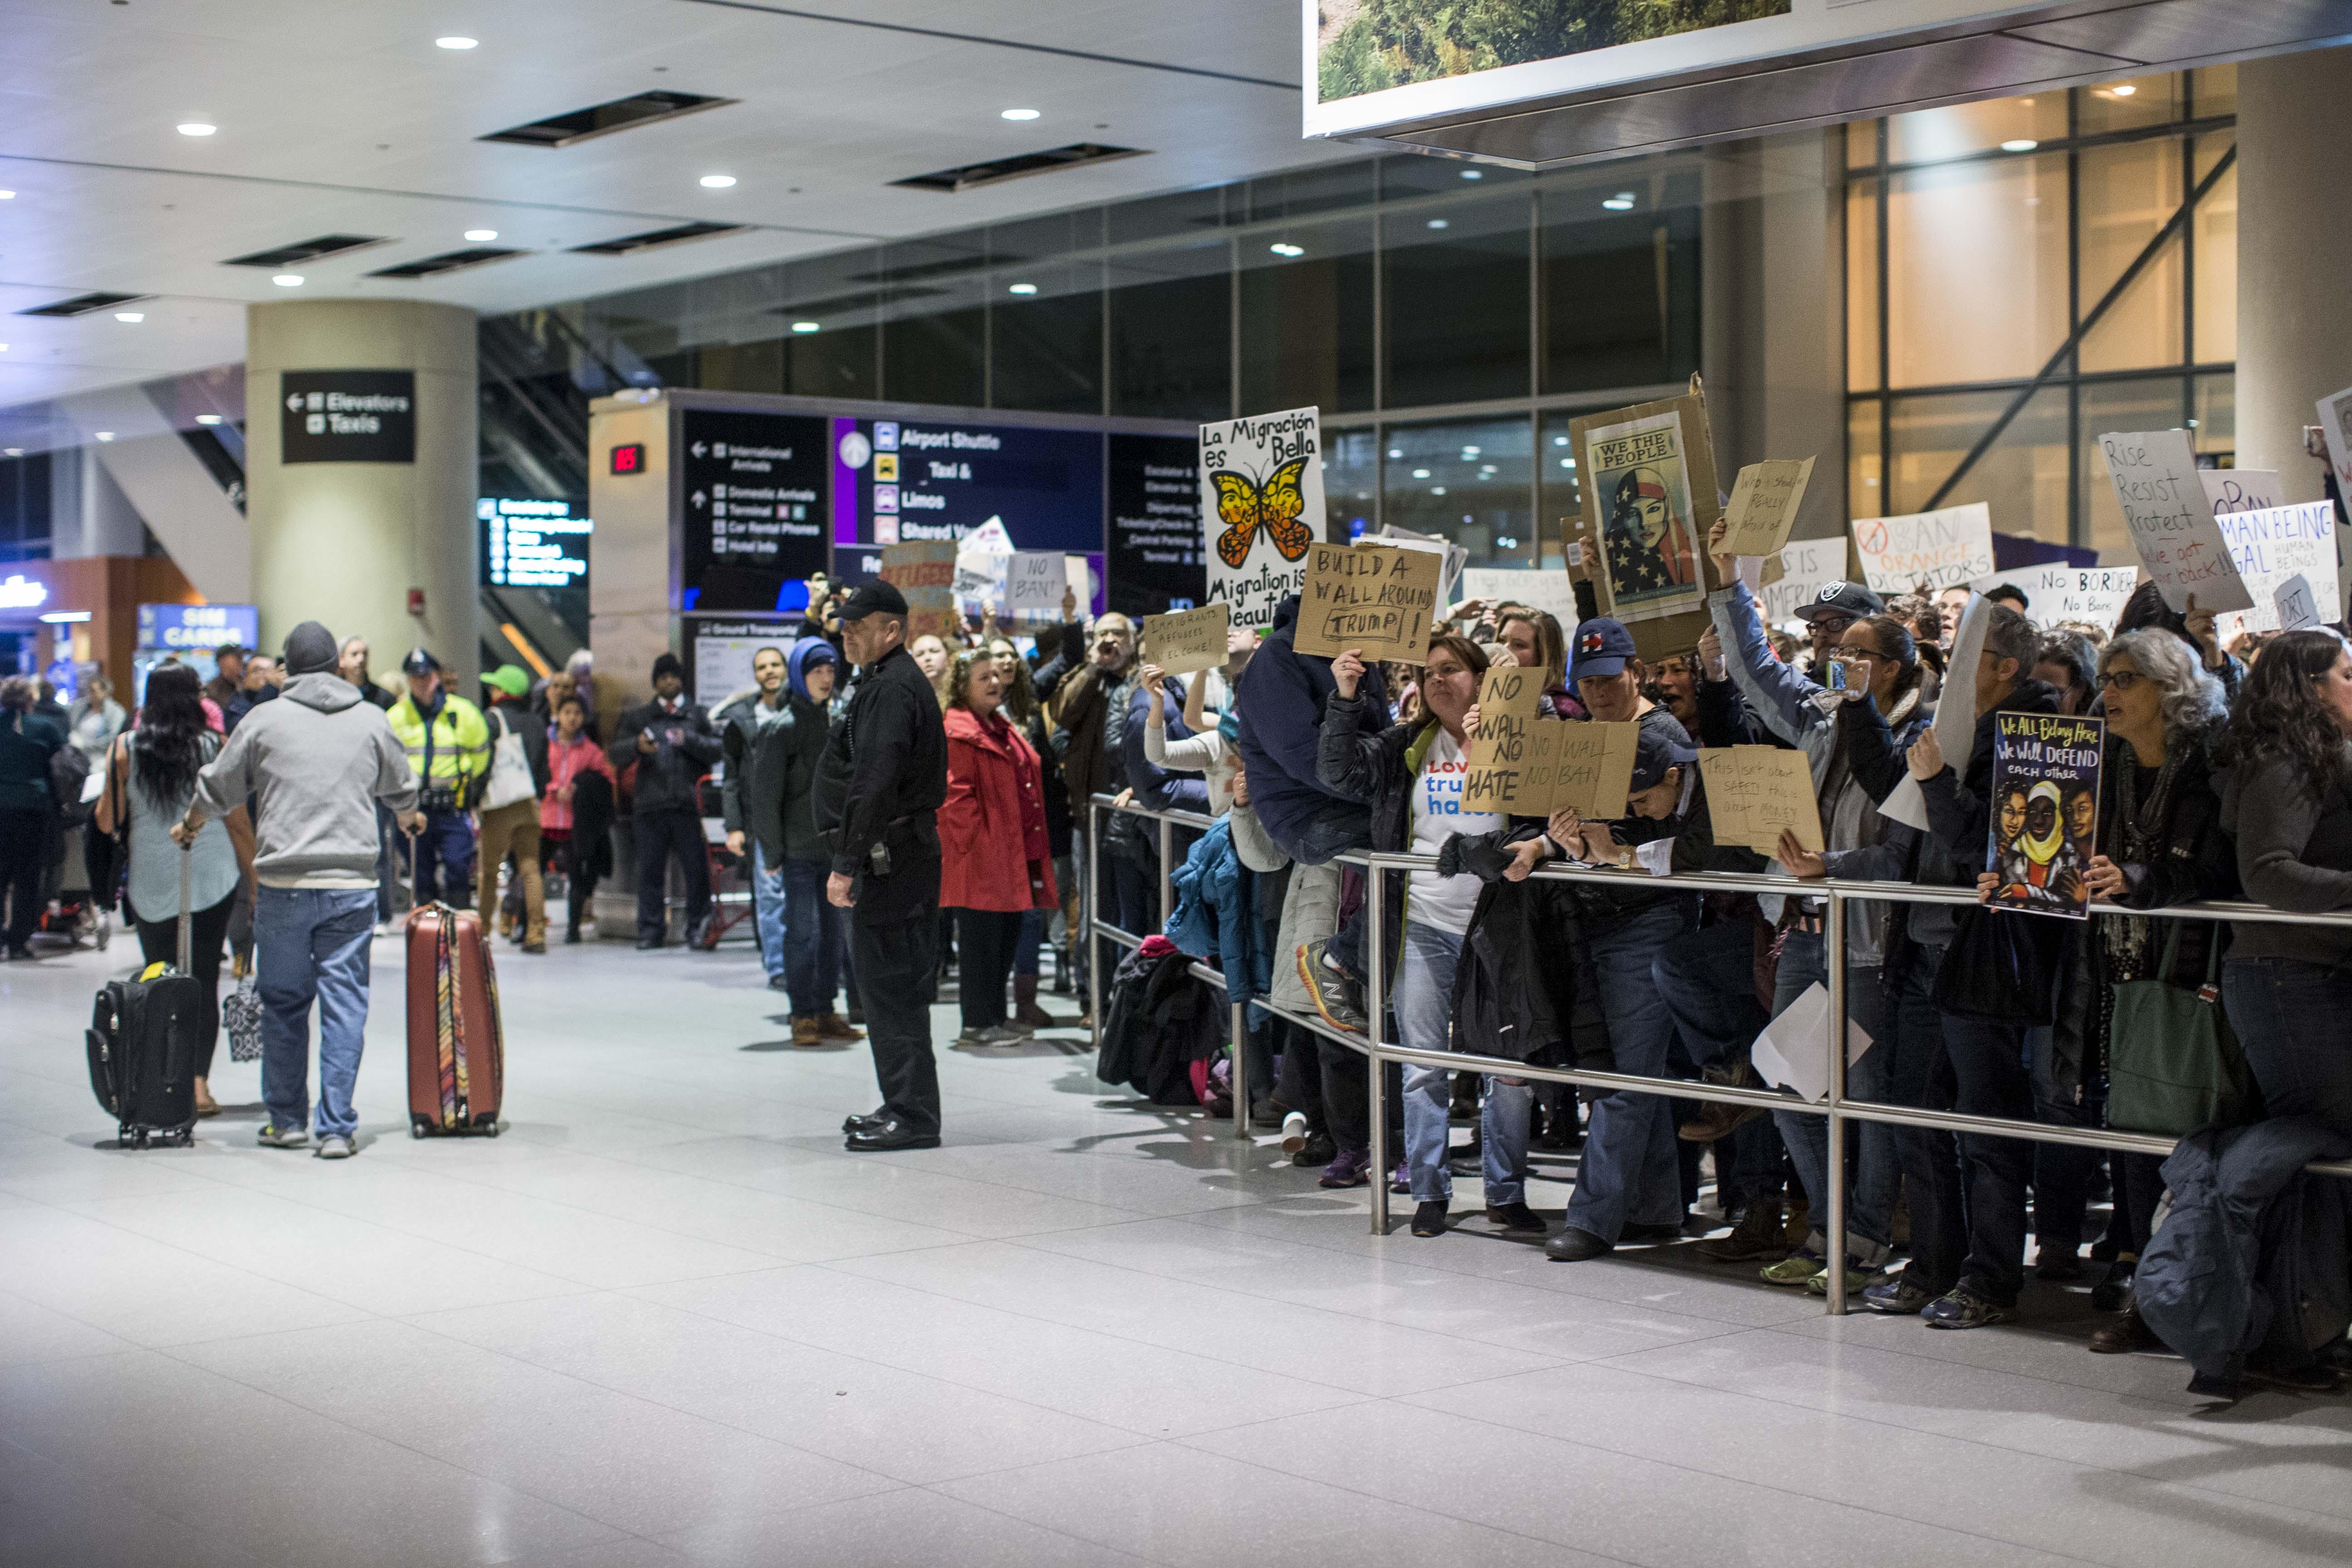 """En Boston, también acudieron decenas de personas a exigir el paso de musulmanes con visas o """"green cards""""."""